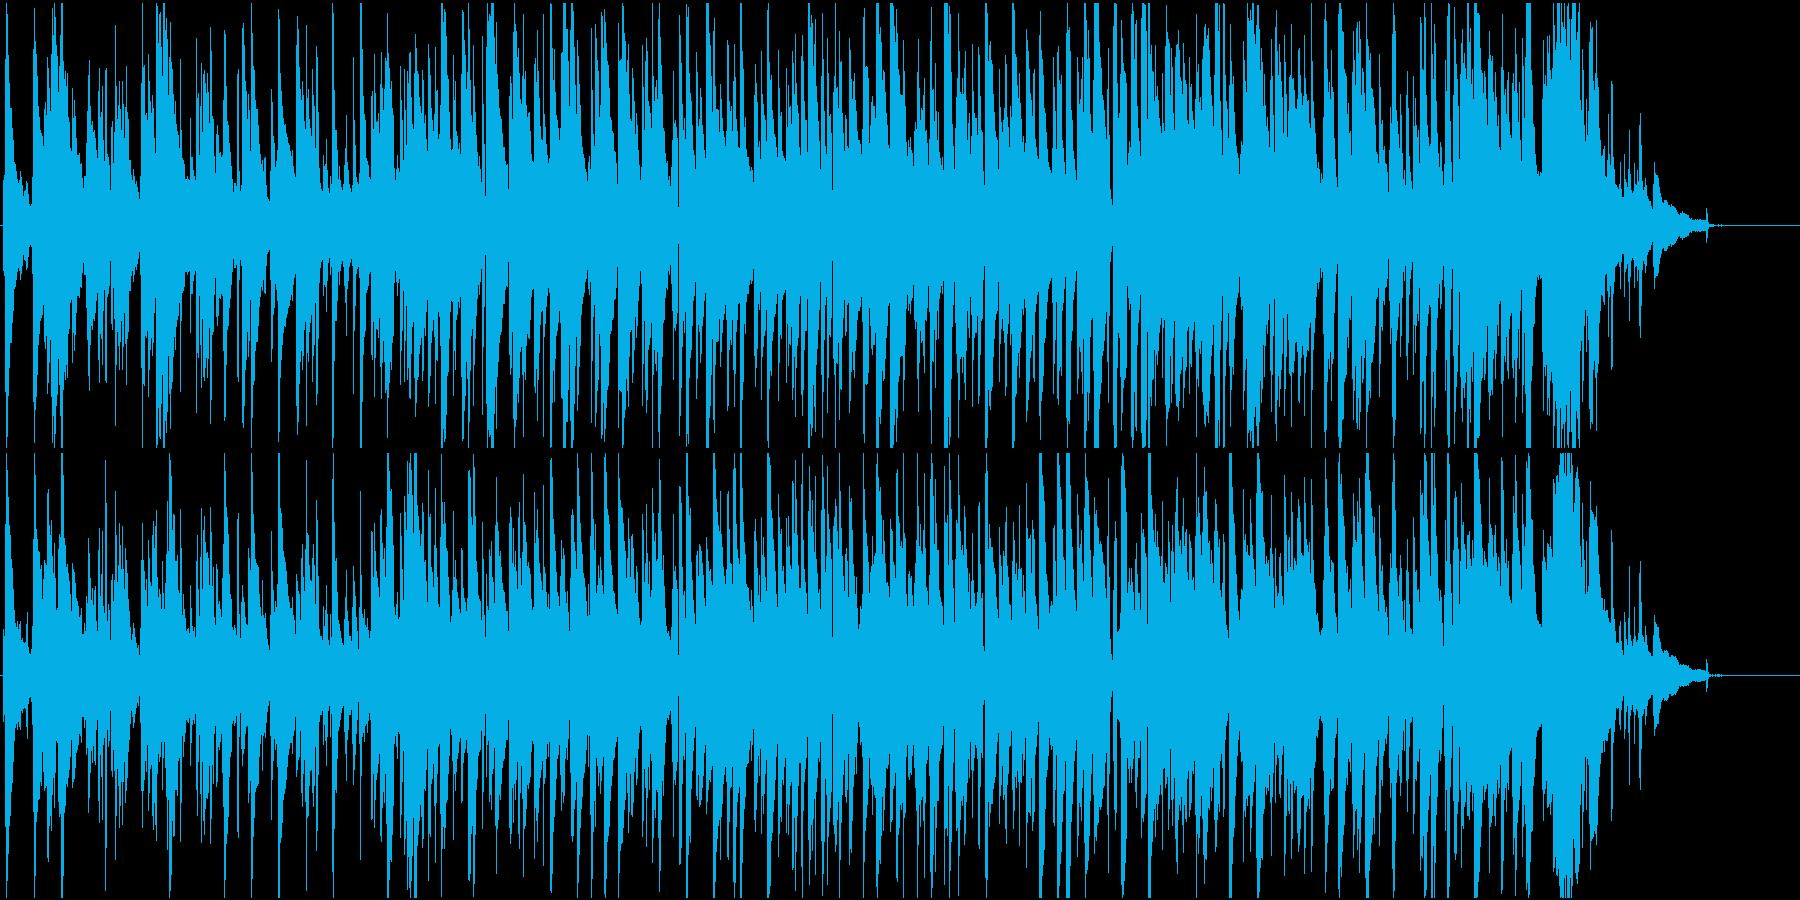 きよしこの夜、おしゃれジャズピアノトリオの再生済みの波形